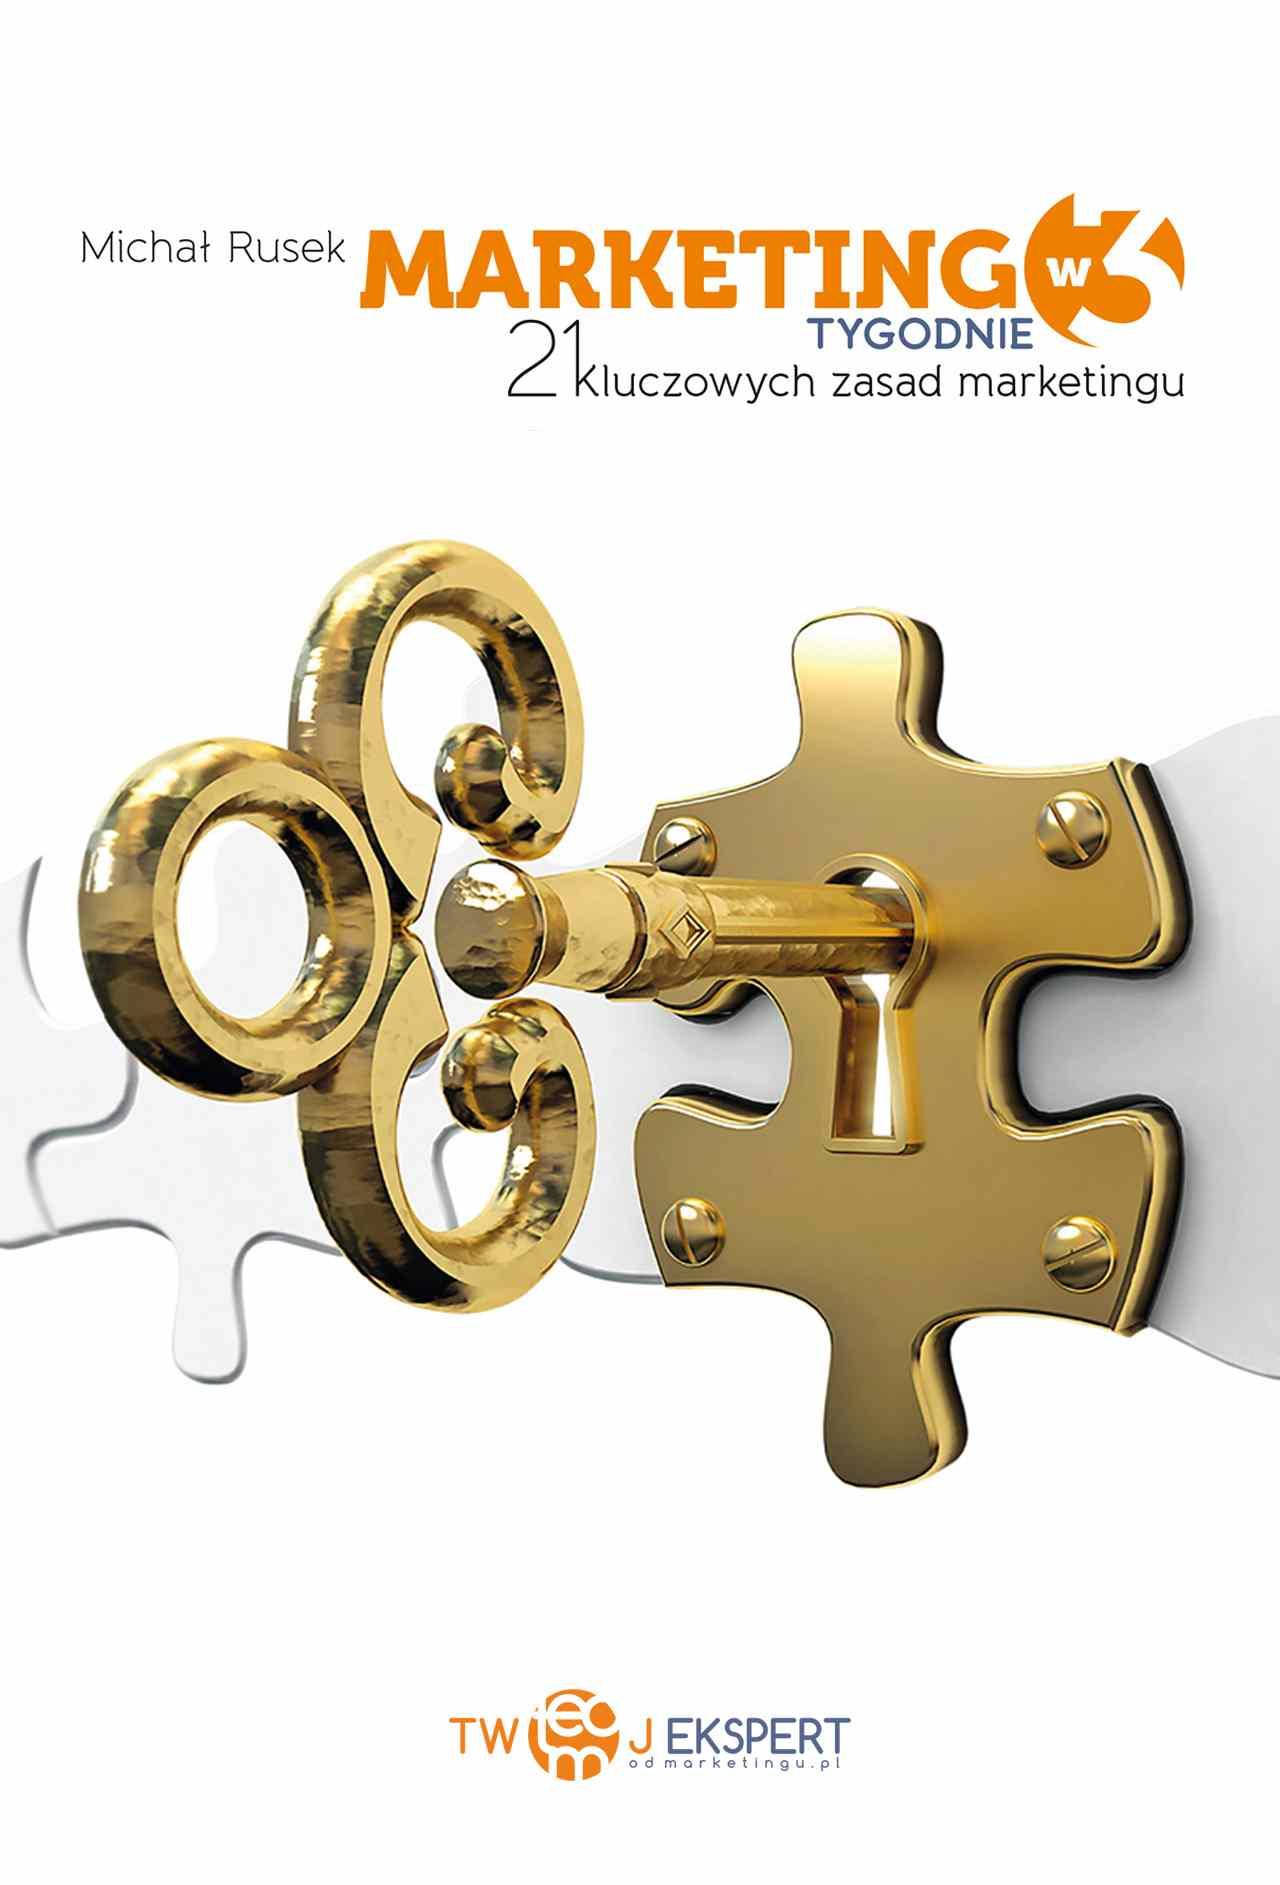 Marketing w 3 Tygodnie – 21 kluczowych zasad marketingu - Ebook (Książka EPUB) do pobrania w formacie EPUB